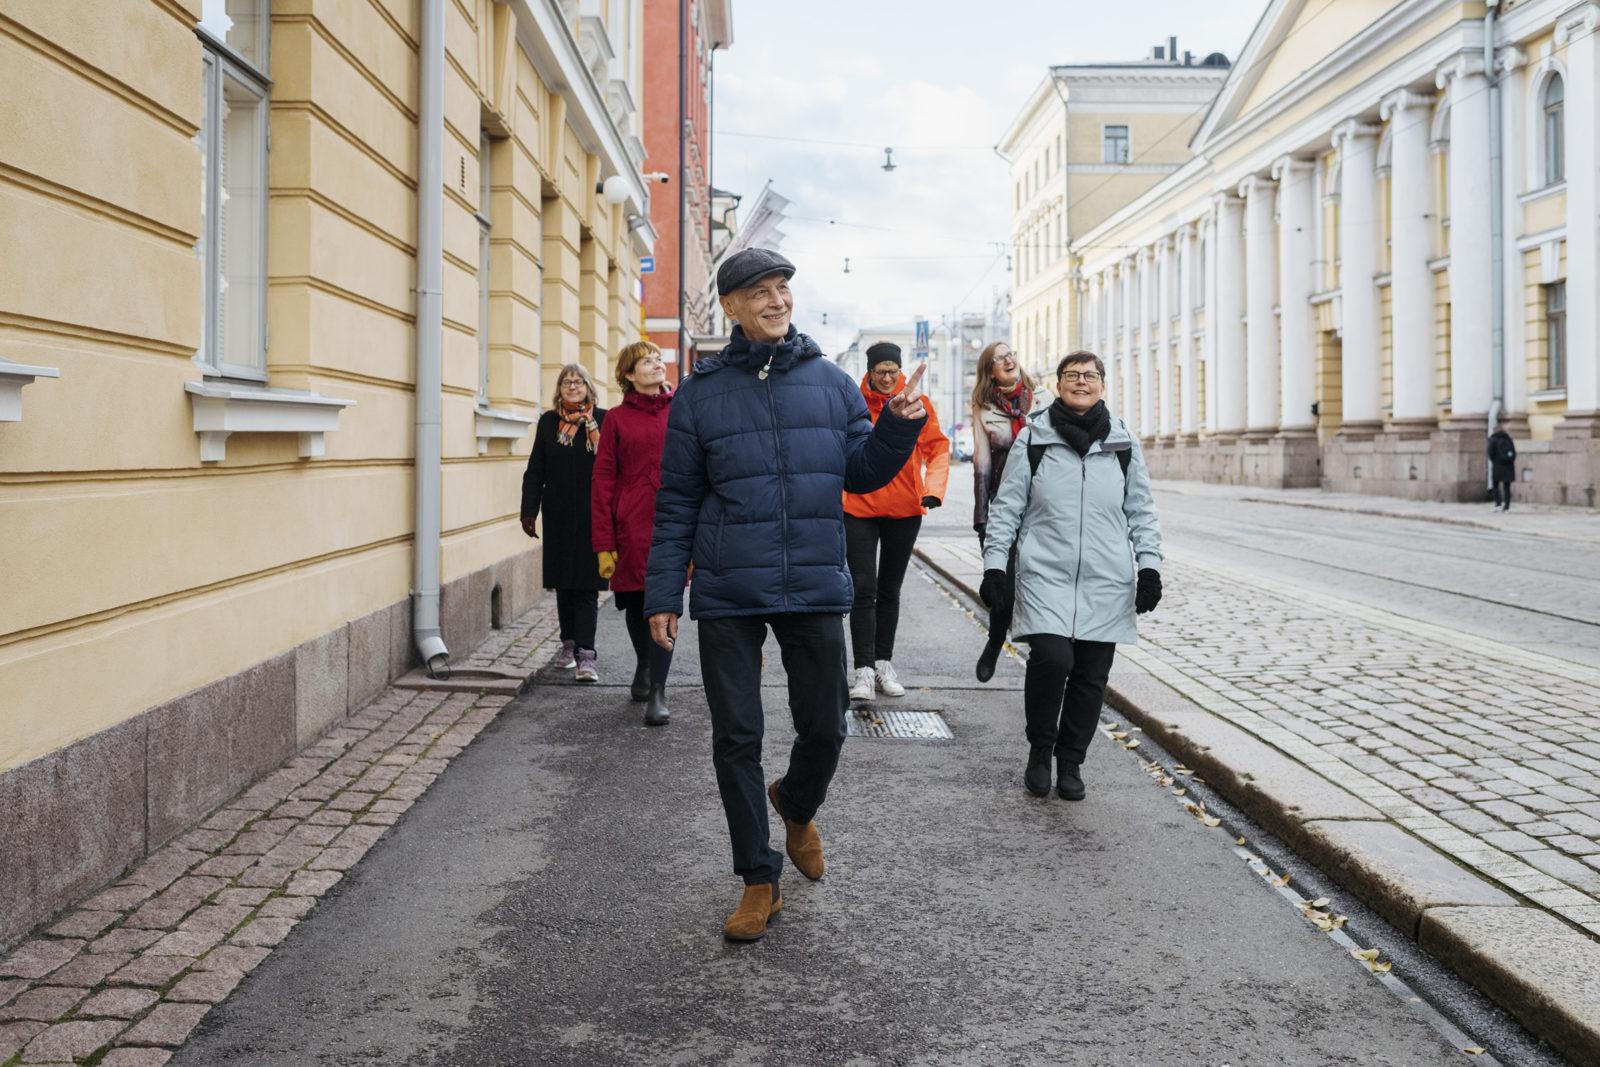 Helsingin kaupunginmuseo,  Aihe: Kävelykierrokset / Katajanokan jugend, Tilaaja: Anna Finnilä, Valokuvaaja: Juho Kuva